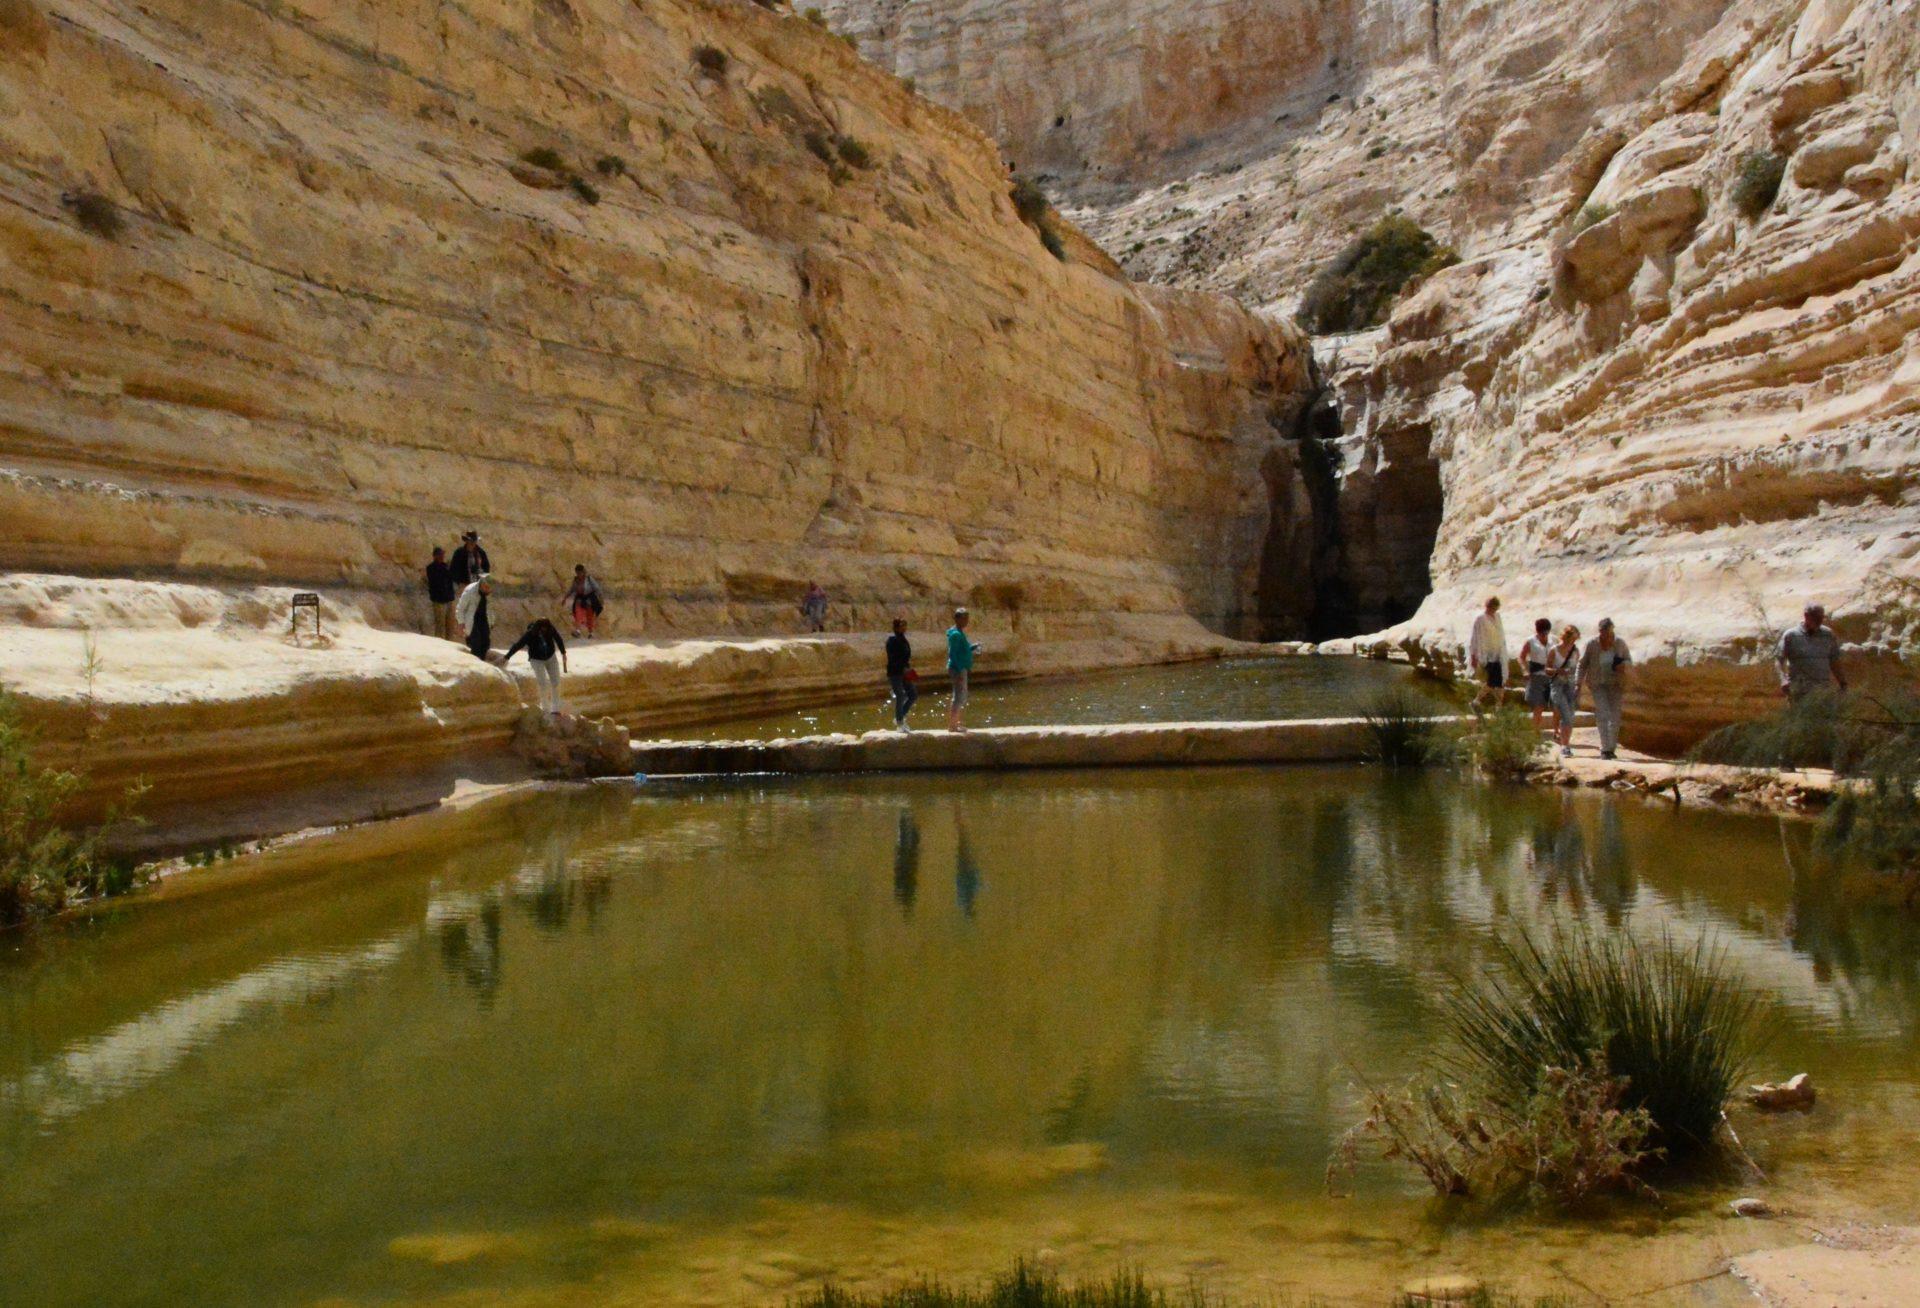 Ein Akev, źródła, pustynia Negew, Izrael trekking